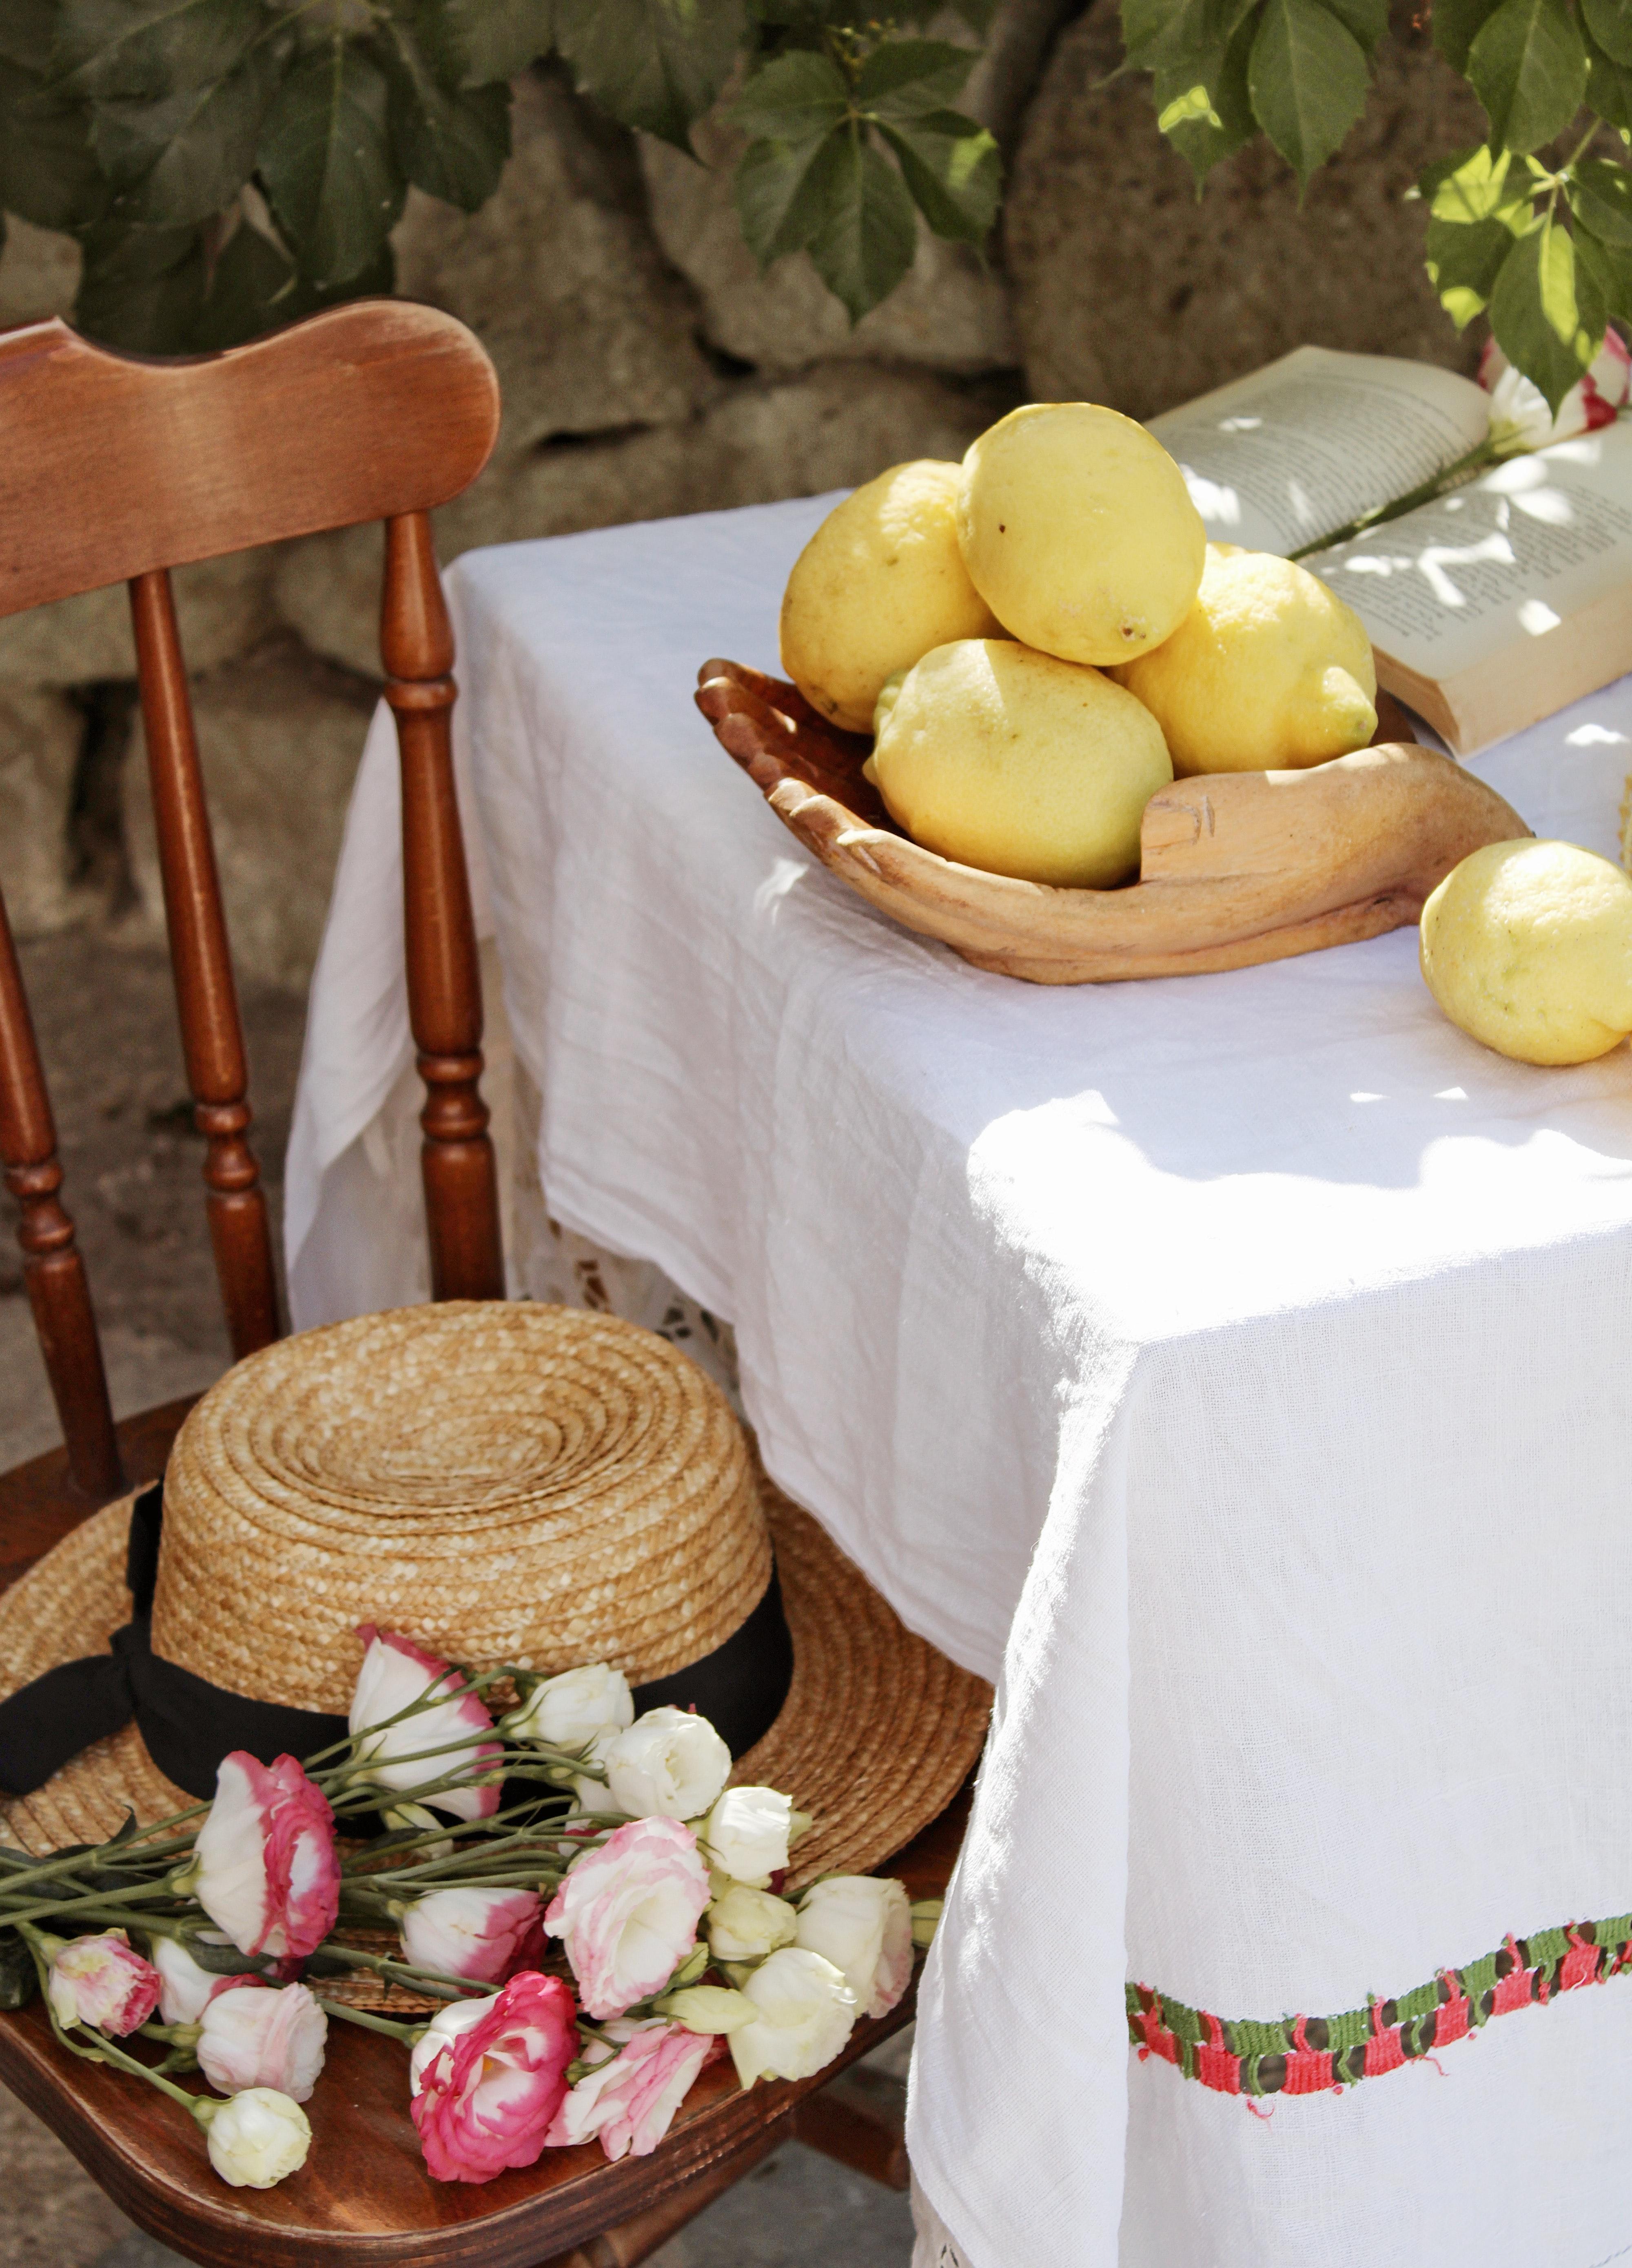 52335 скачать обои Цветы, Лимоны, Разное, Стул, Стол, Шляпа, Цитрусы - заставки и картинки бесплатно